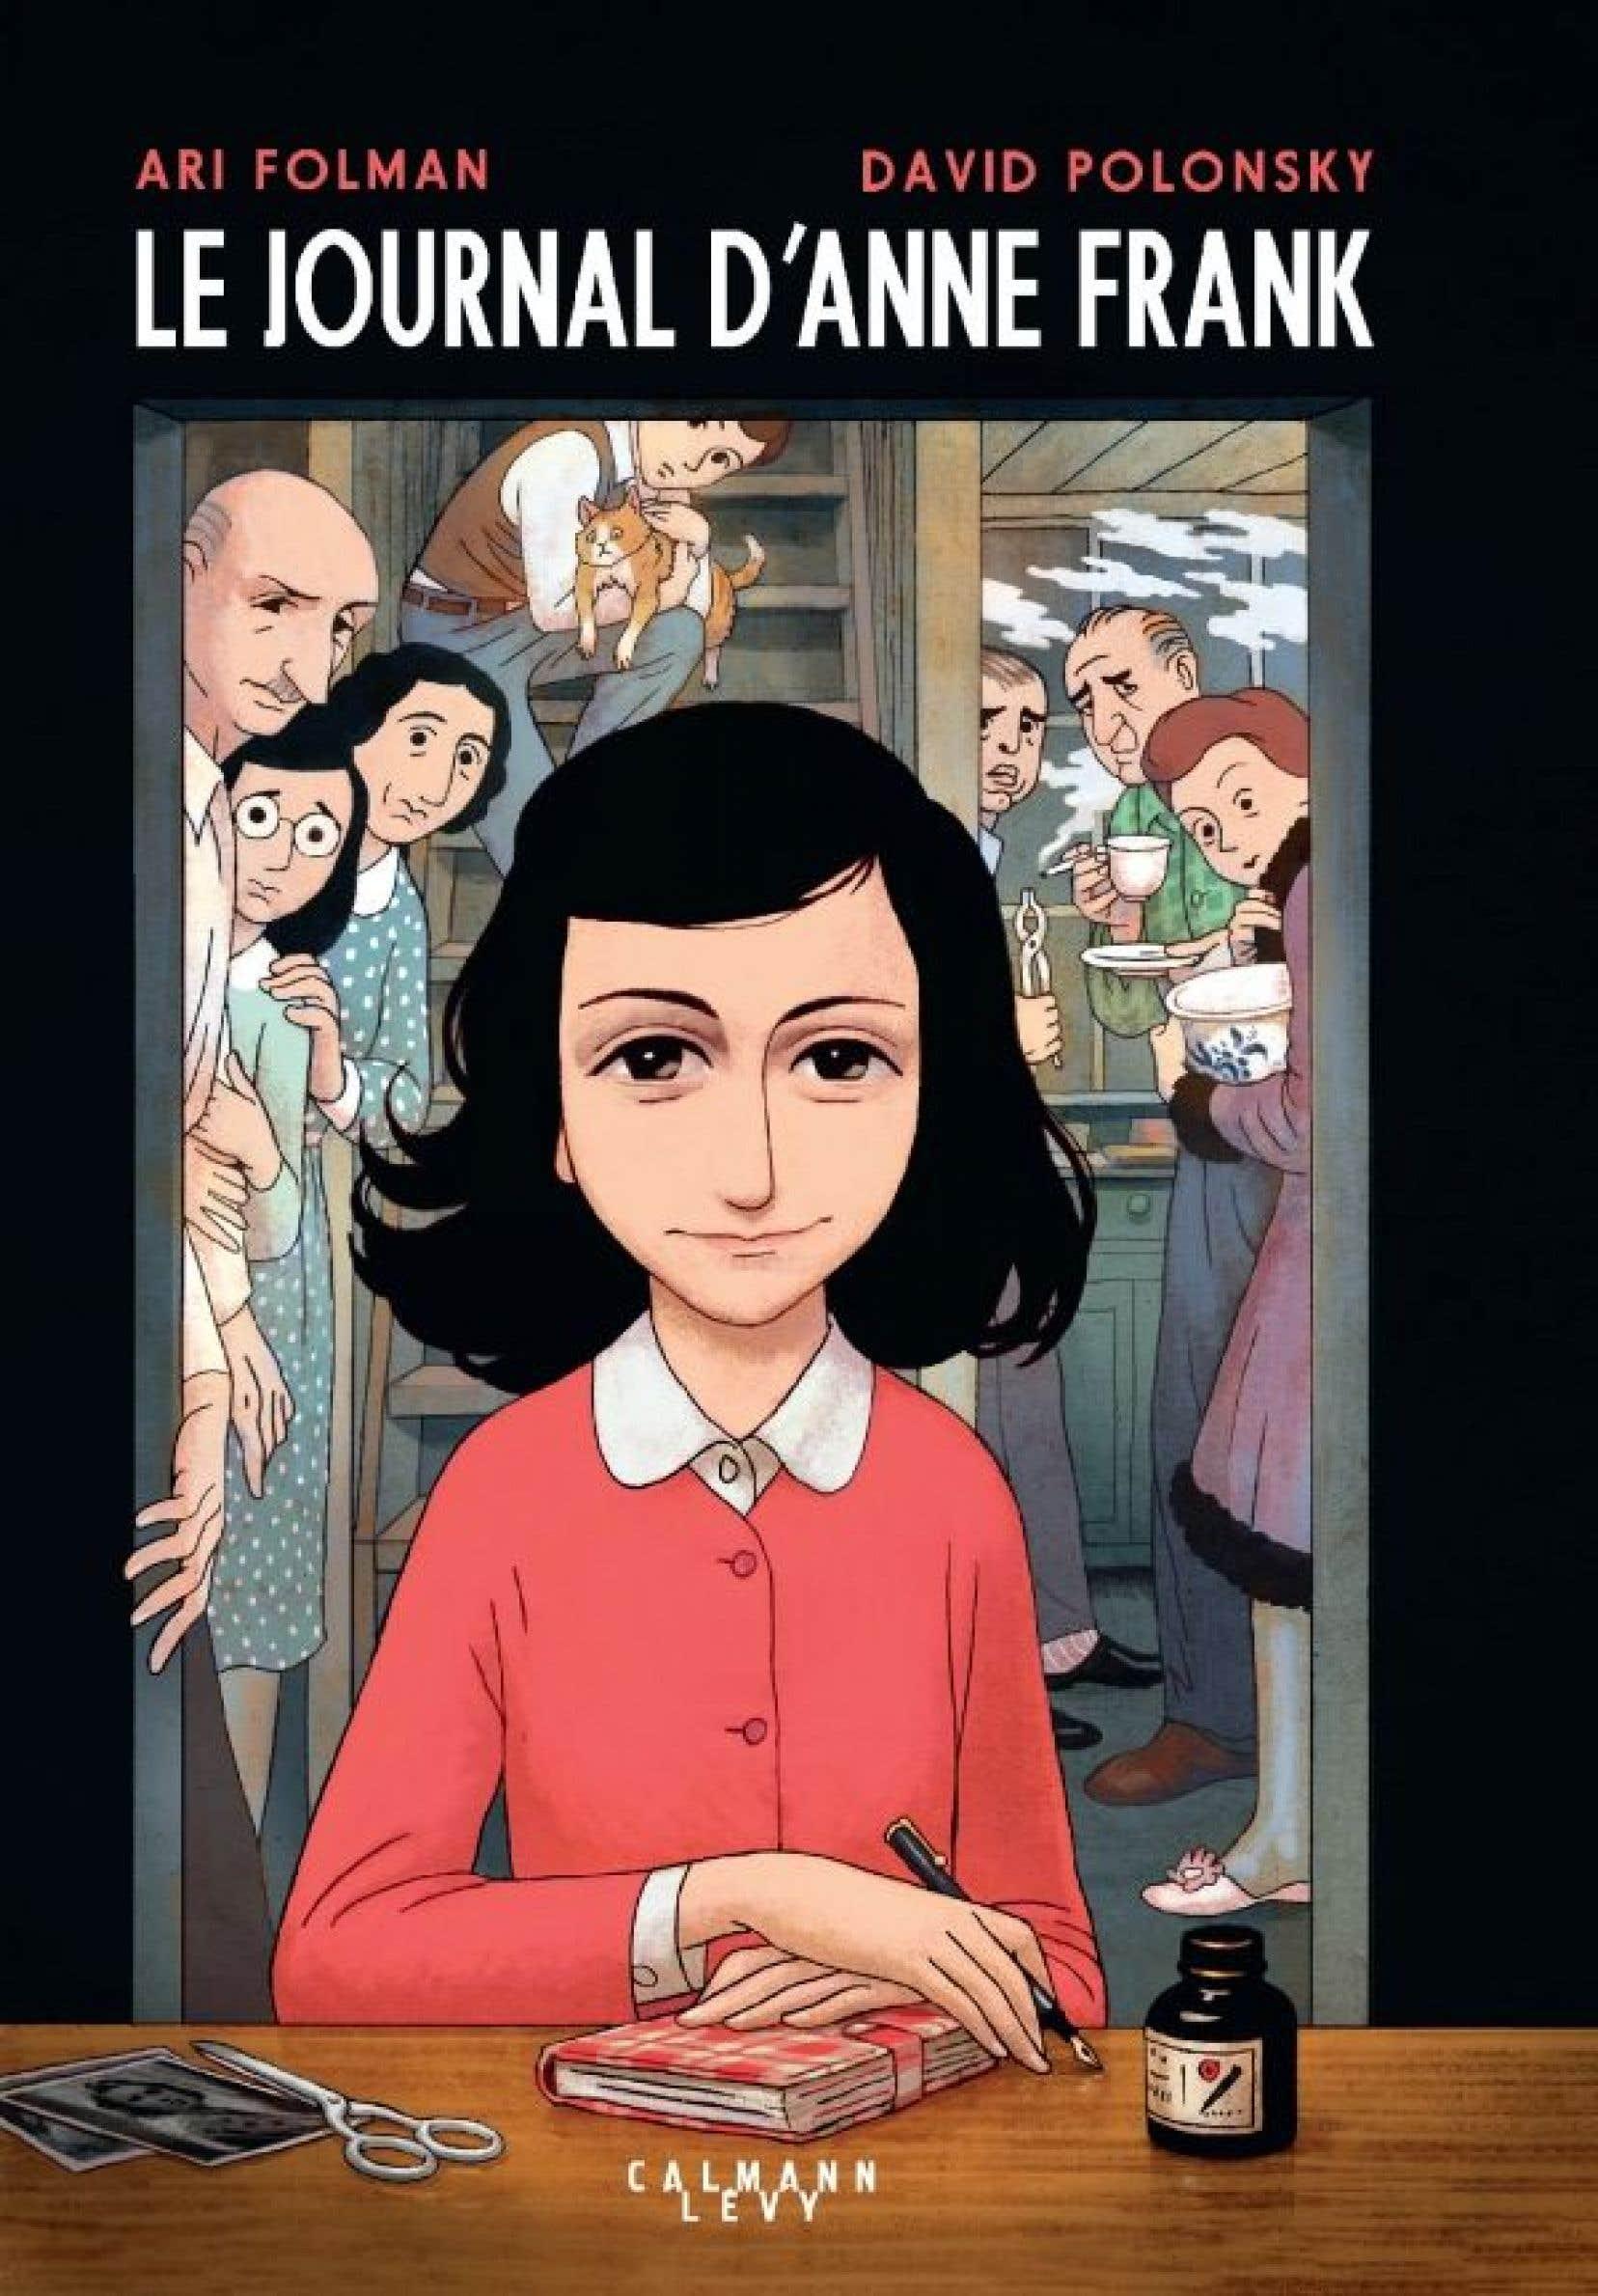 La couverture du Journal d'Anne Frank, version roman graphique,sous la plume du scénariste Ari Folman et du dessinateur David Polonsky